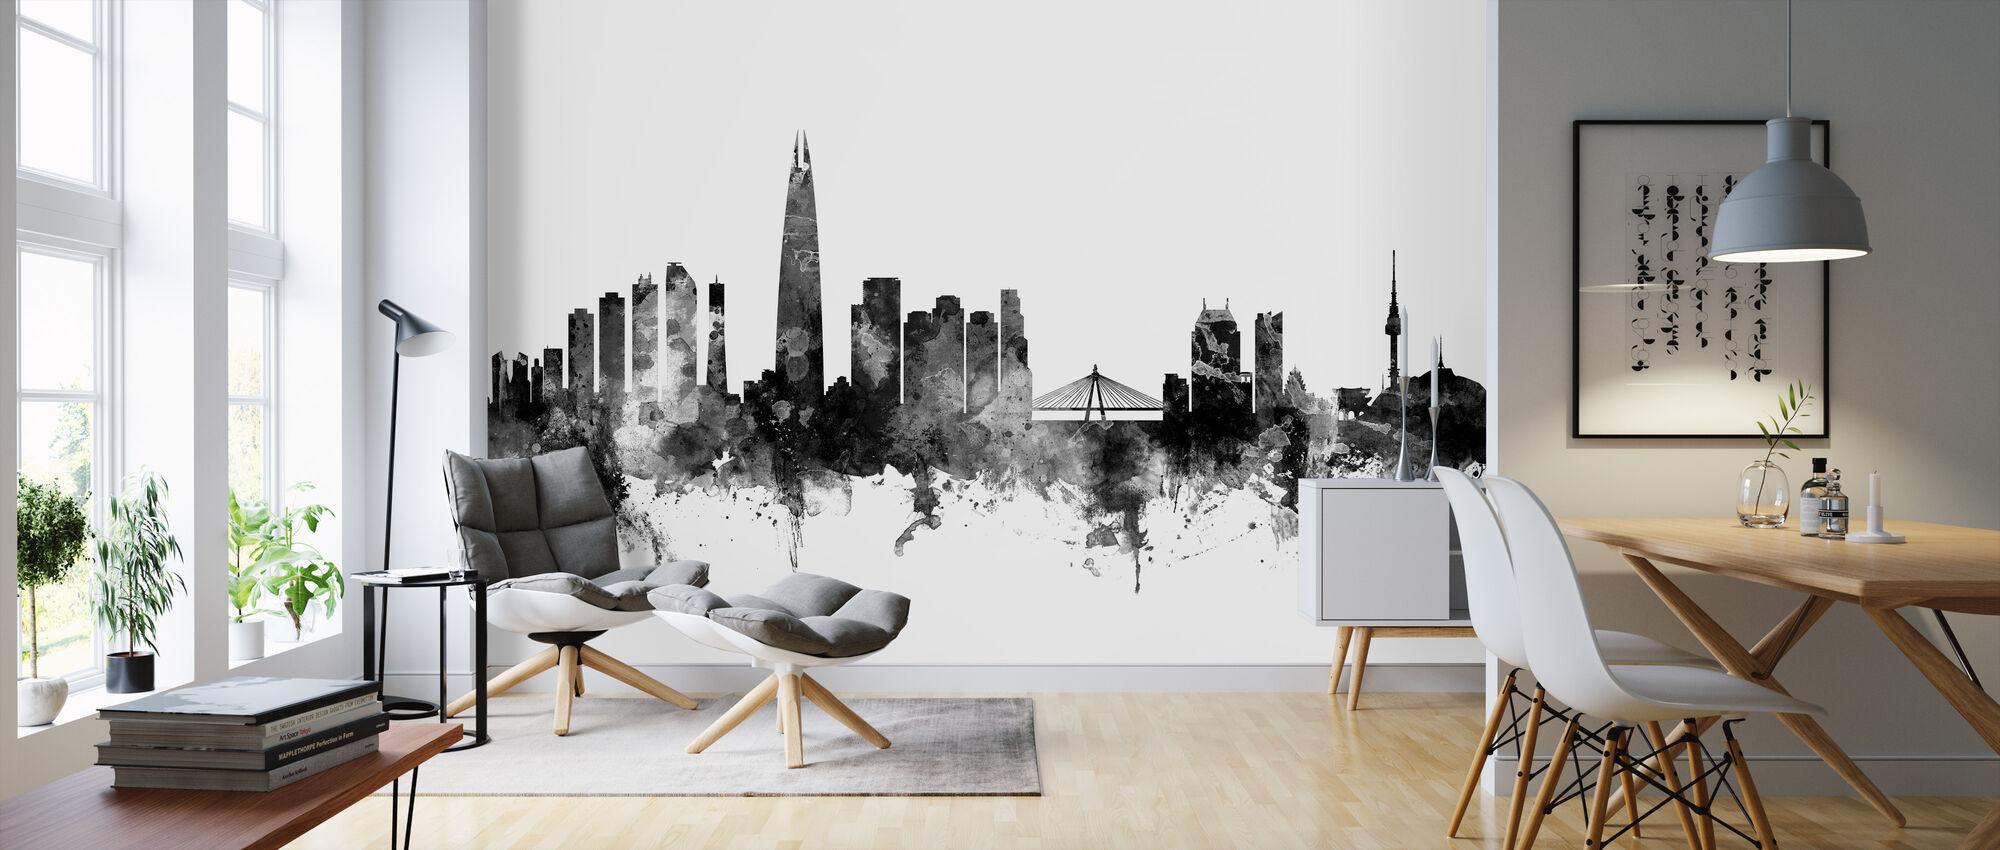 Seoul Skyline Black - Wallpaper - Living Room